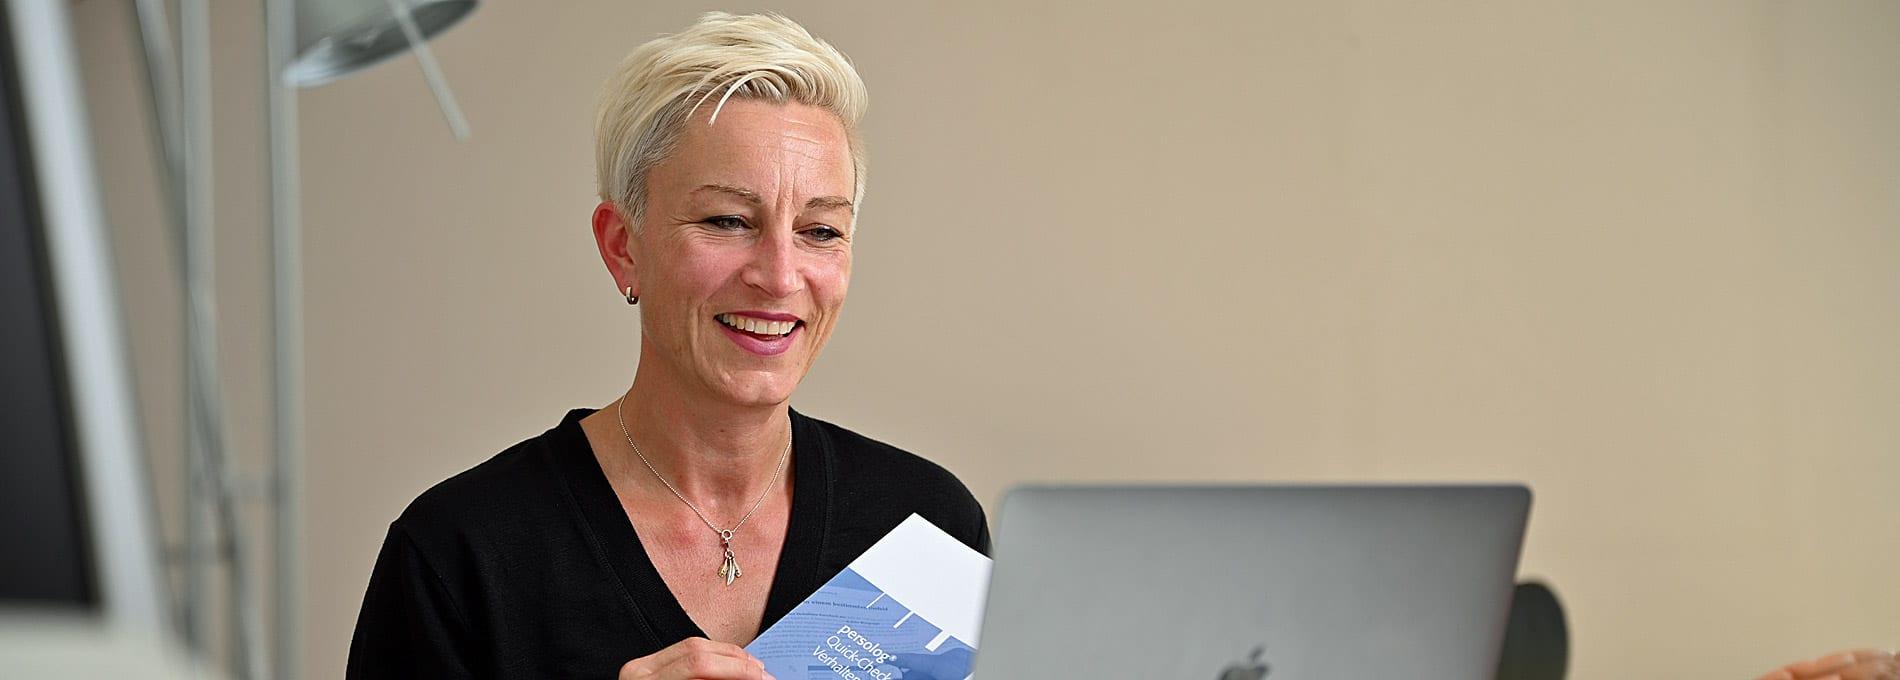 Claudia Tölle hält einen Flyer von Persolog in der Hand